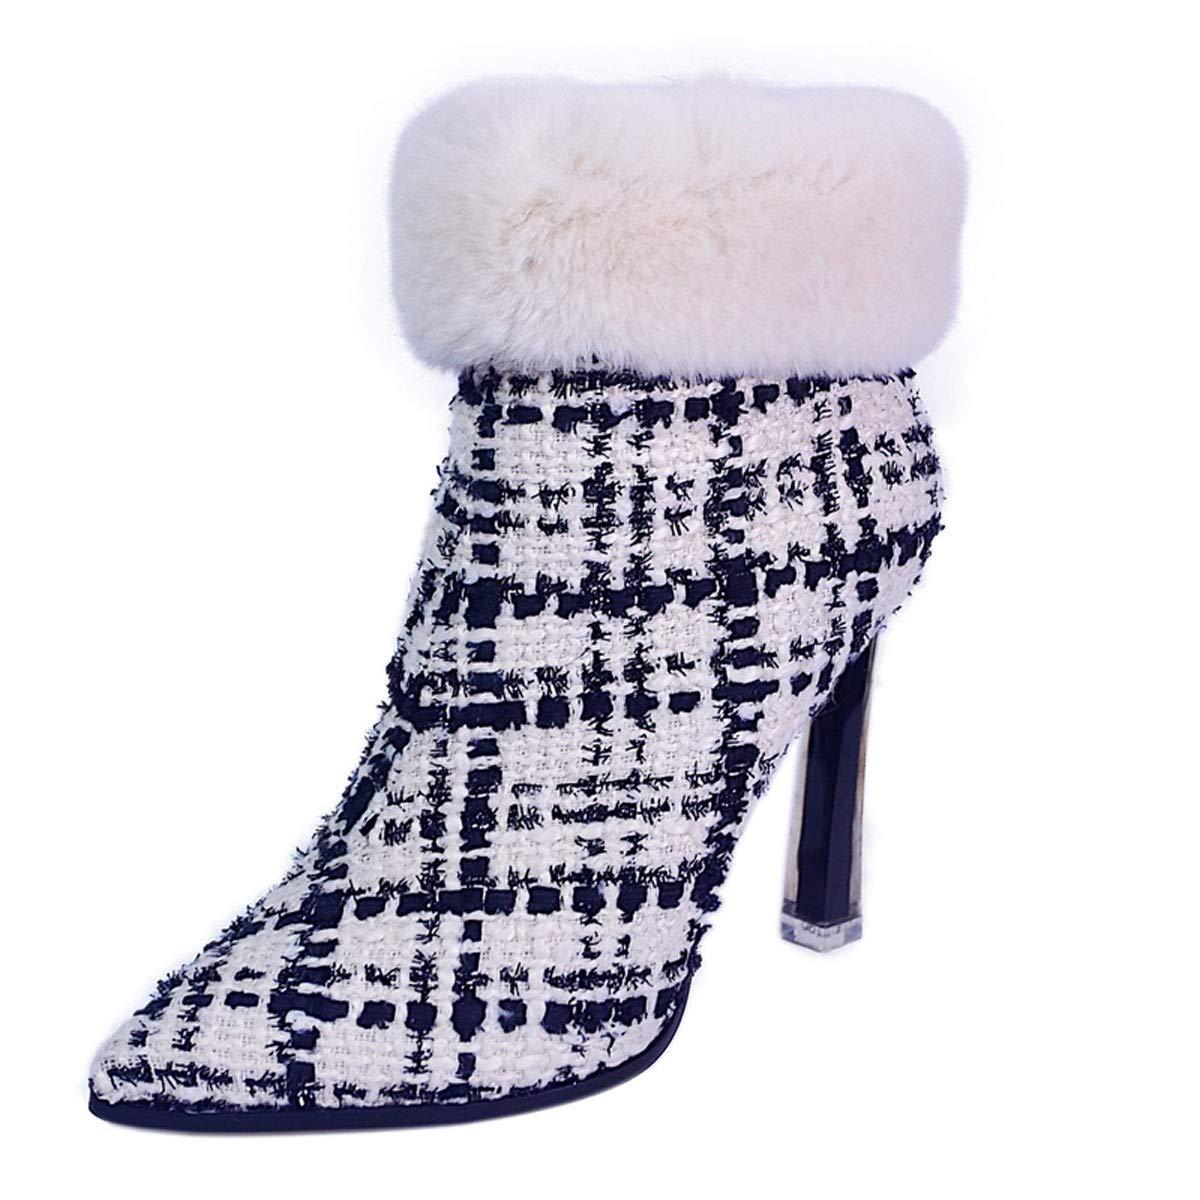 GTVERNH Schuhe Frauen Schuhe GTVERNH Hochhackigen Schuhe Mode Hat Kurze Stiefel Schuhe Mode 10Cm Gut Bei Frauen Schuhe Schuhe. 879985